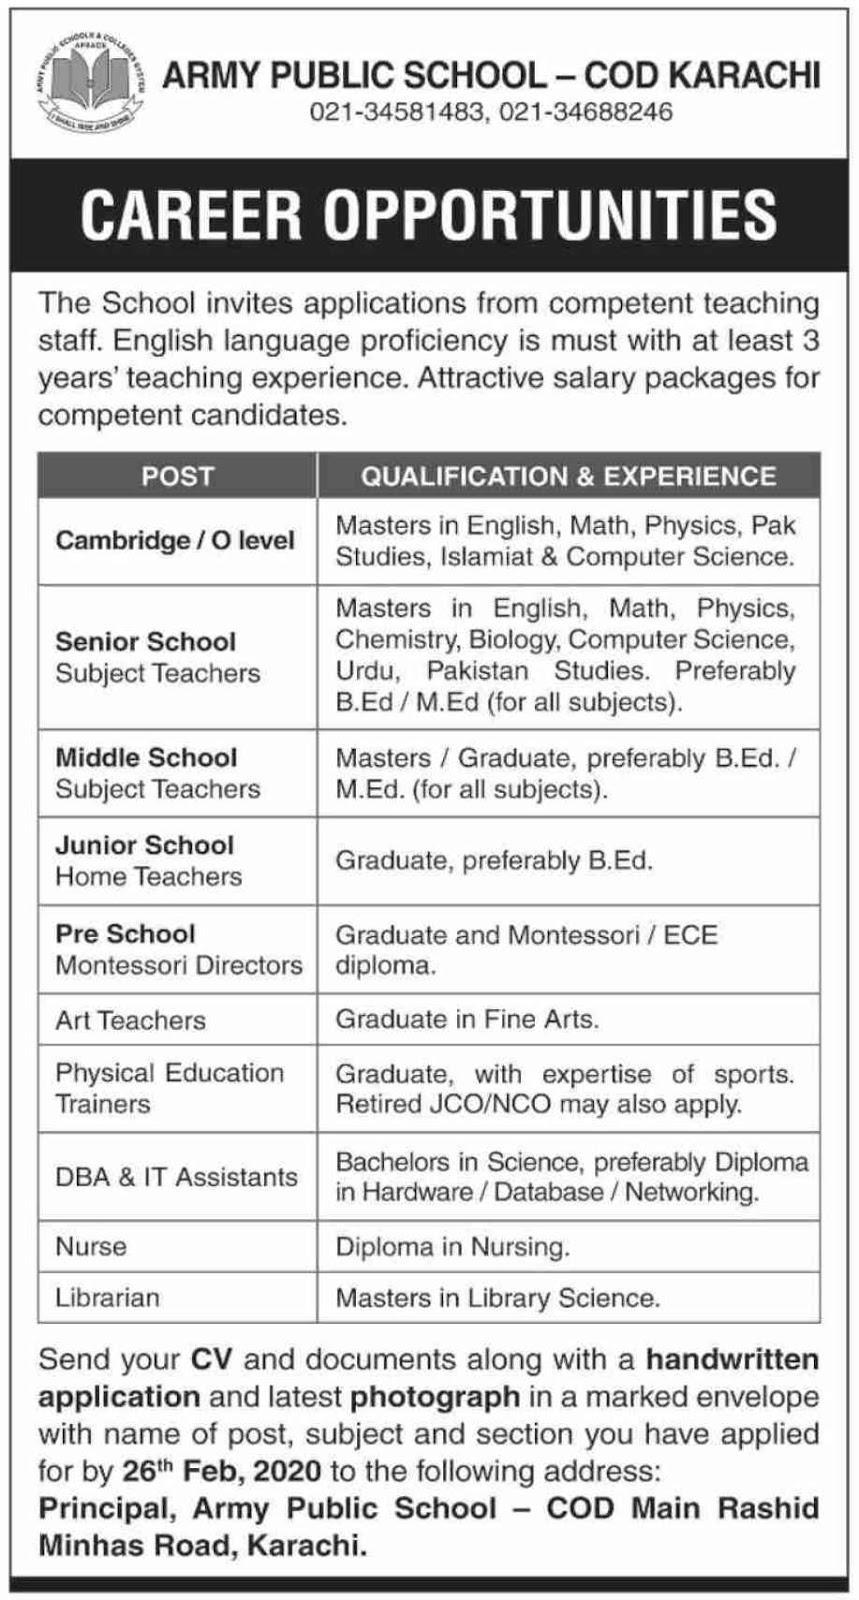 Army Public School COD Karachi Jobs 2020